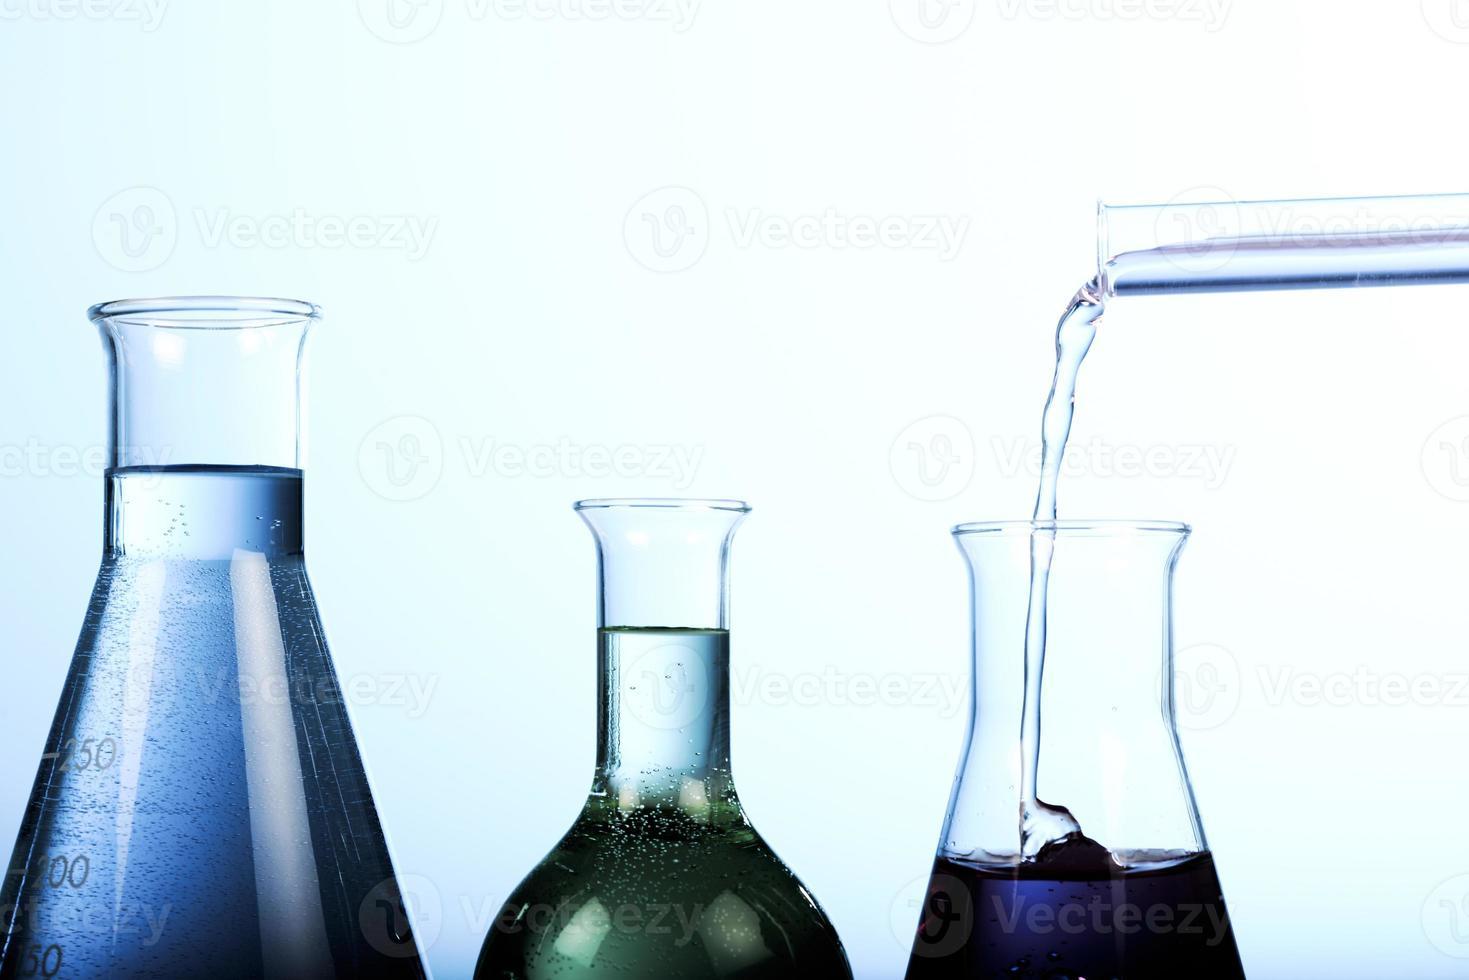 científico-médico - investigación foto